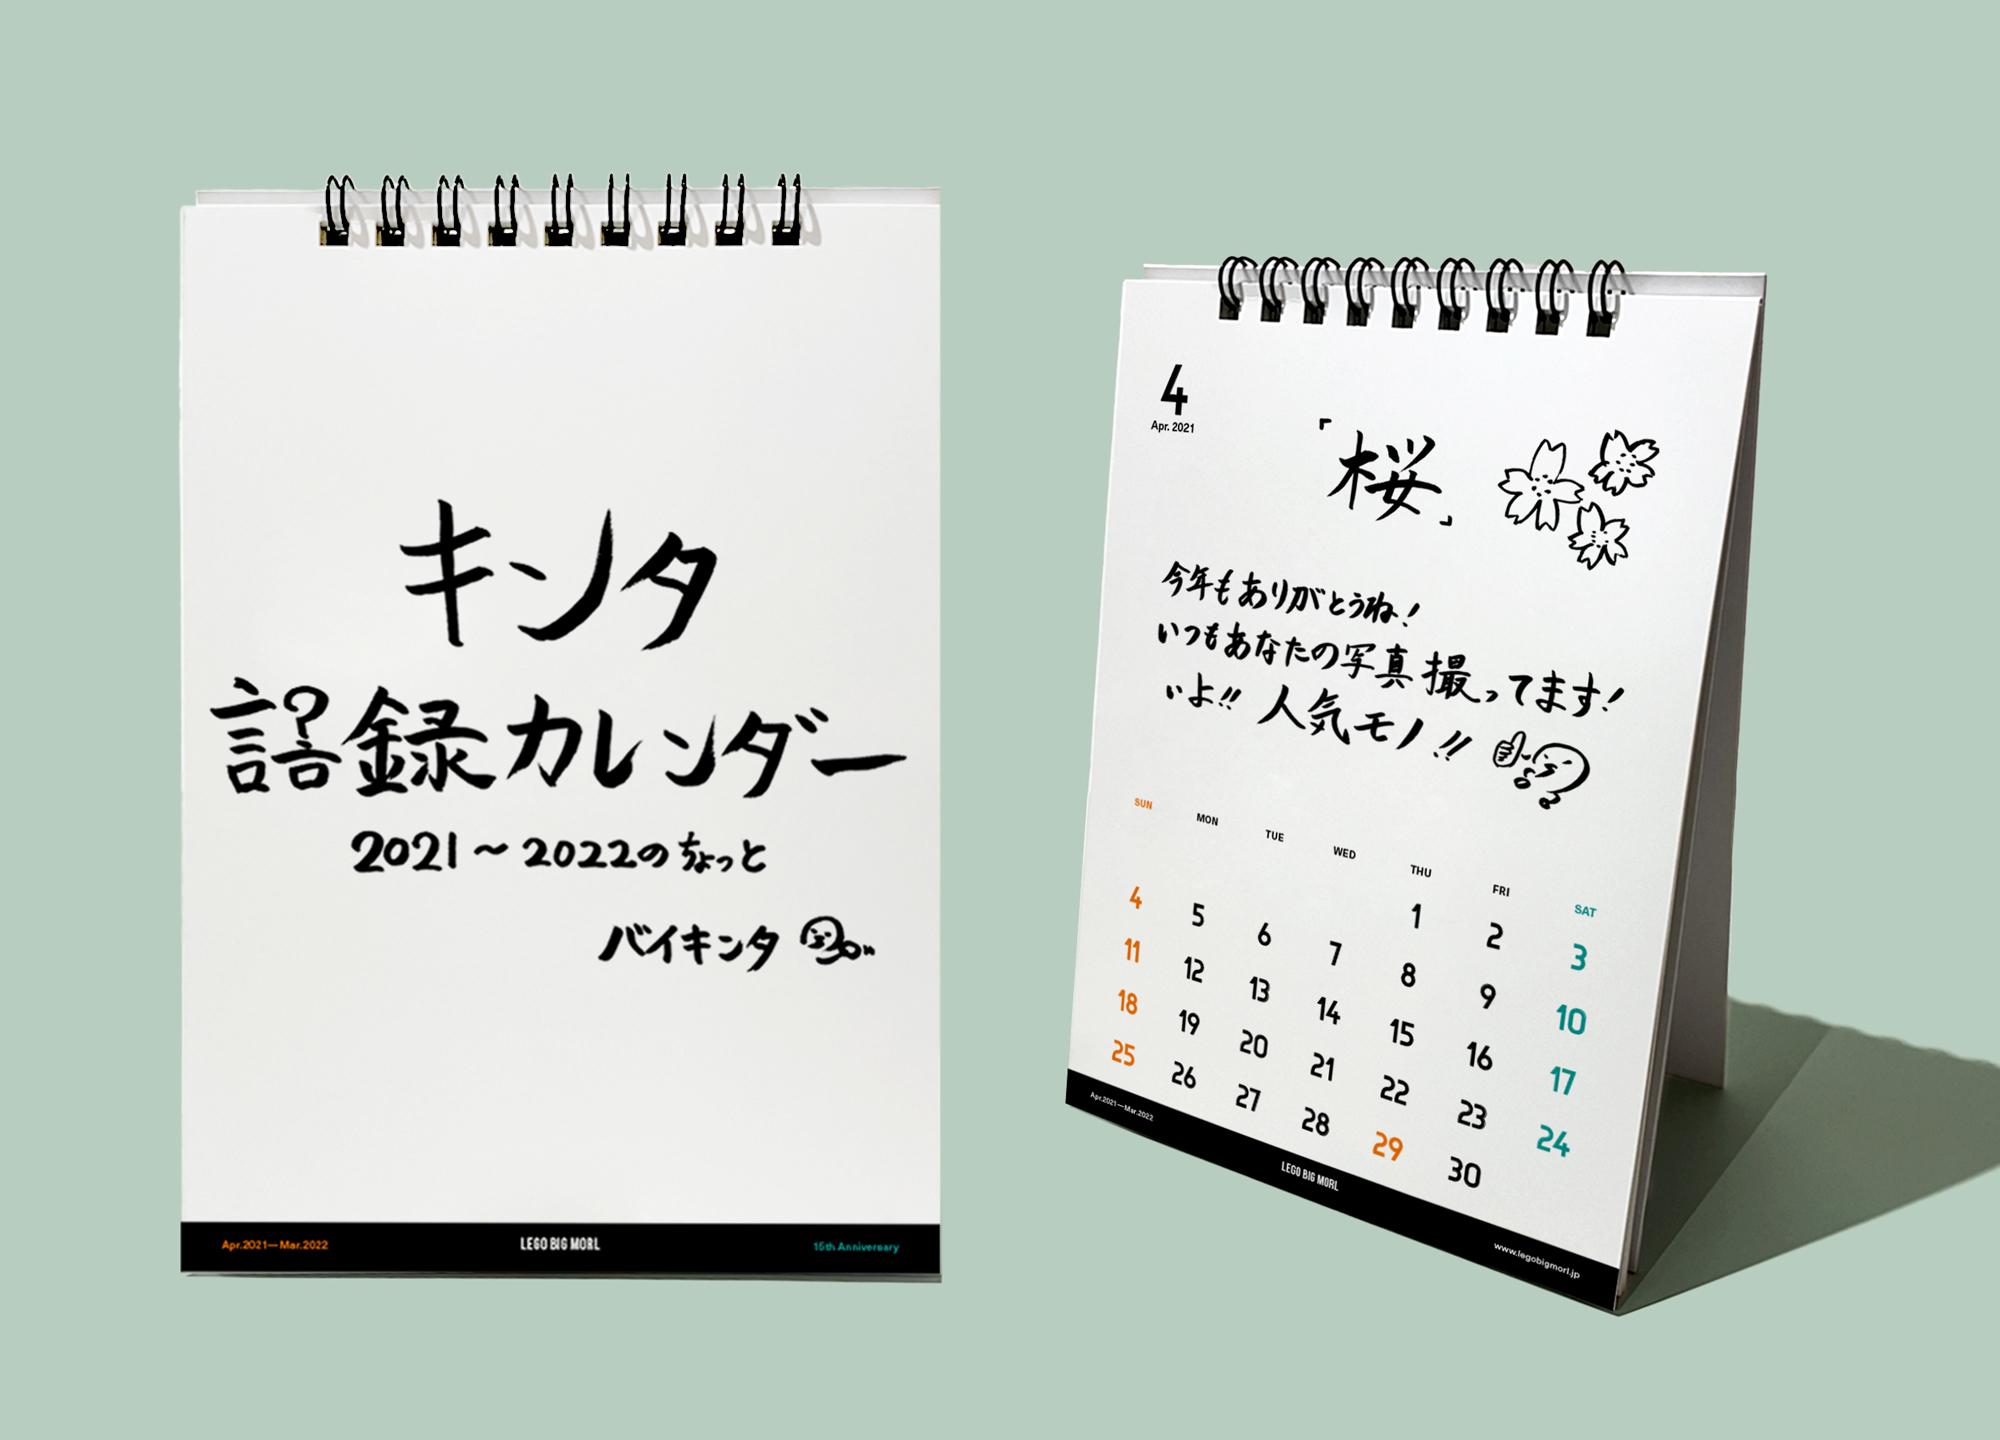 キンタ語録カレンダー2021